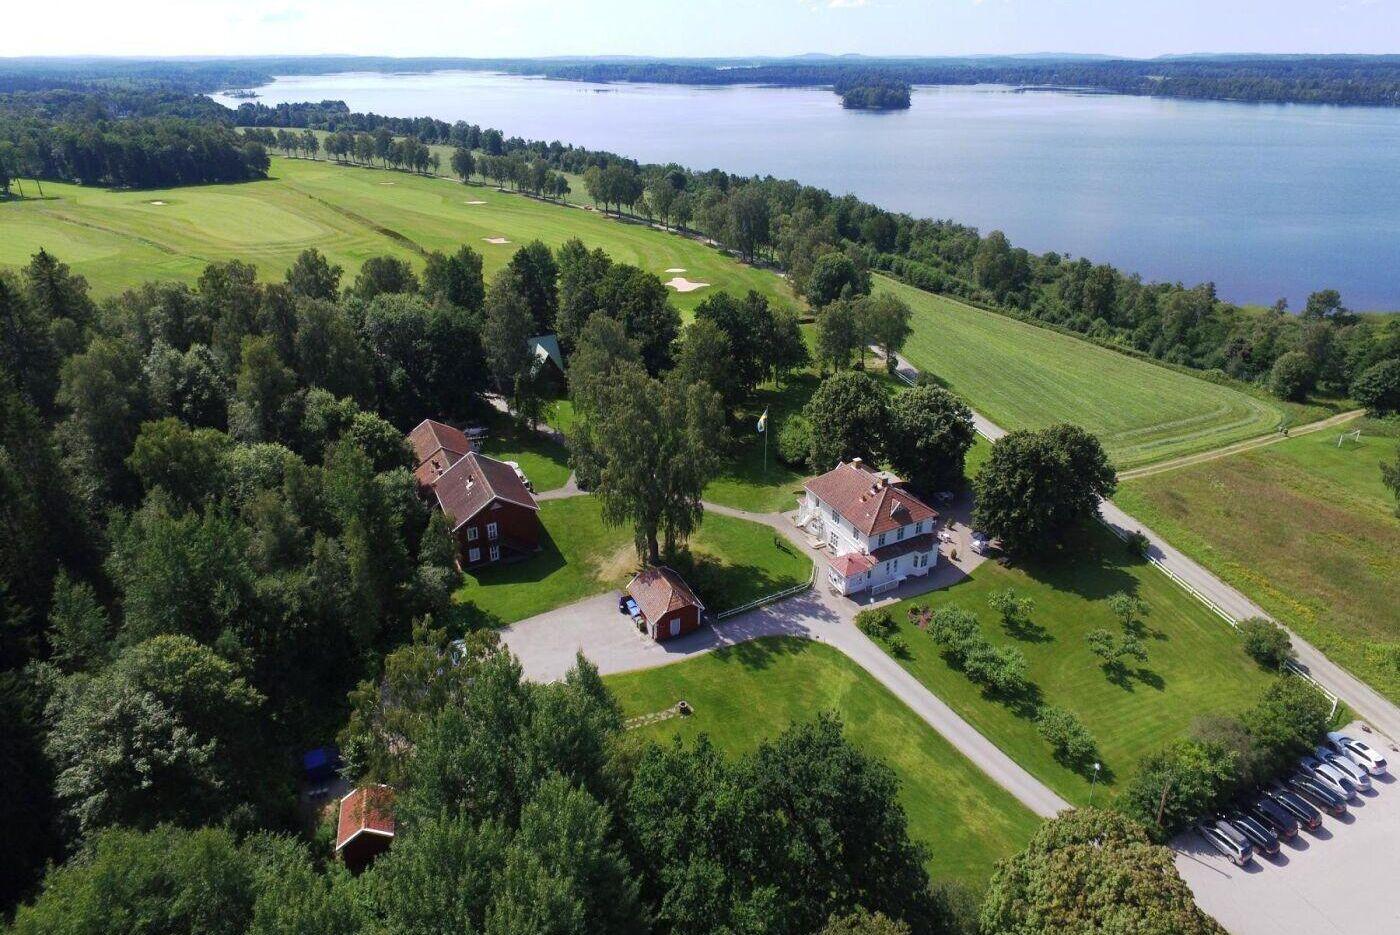 Åsundsholm Golf & Country Club har varit till salu sedan 2019. Men nu har familjen Gunnardo bestämt sig för att i stället återställa allt till åkermark.